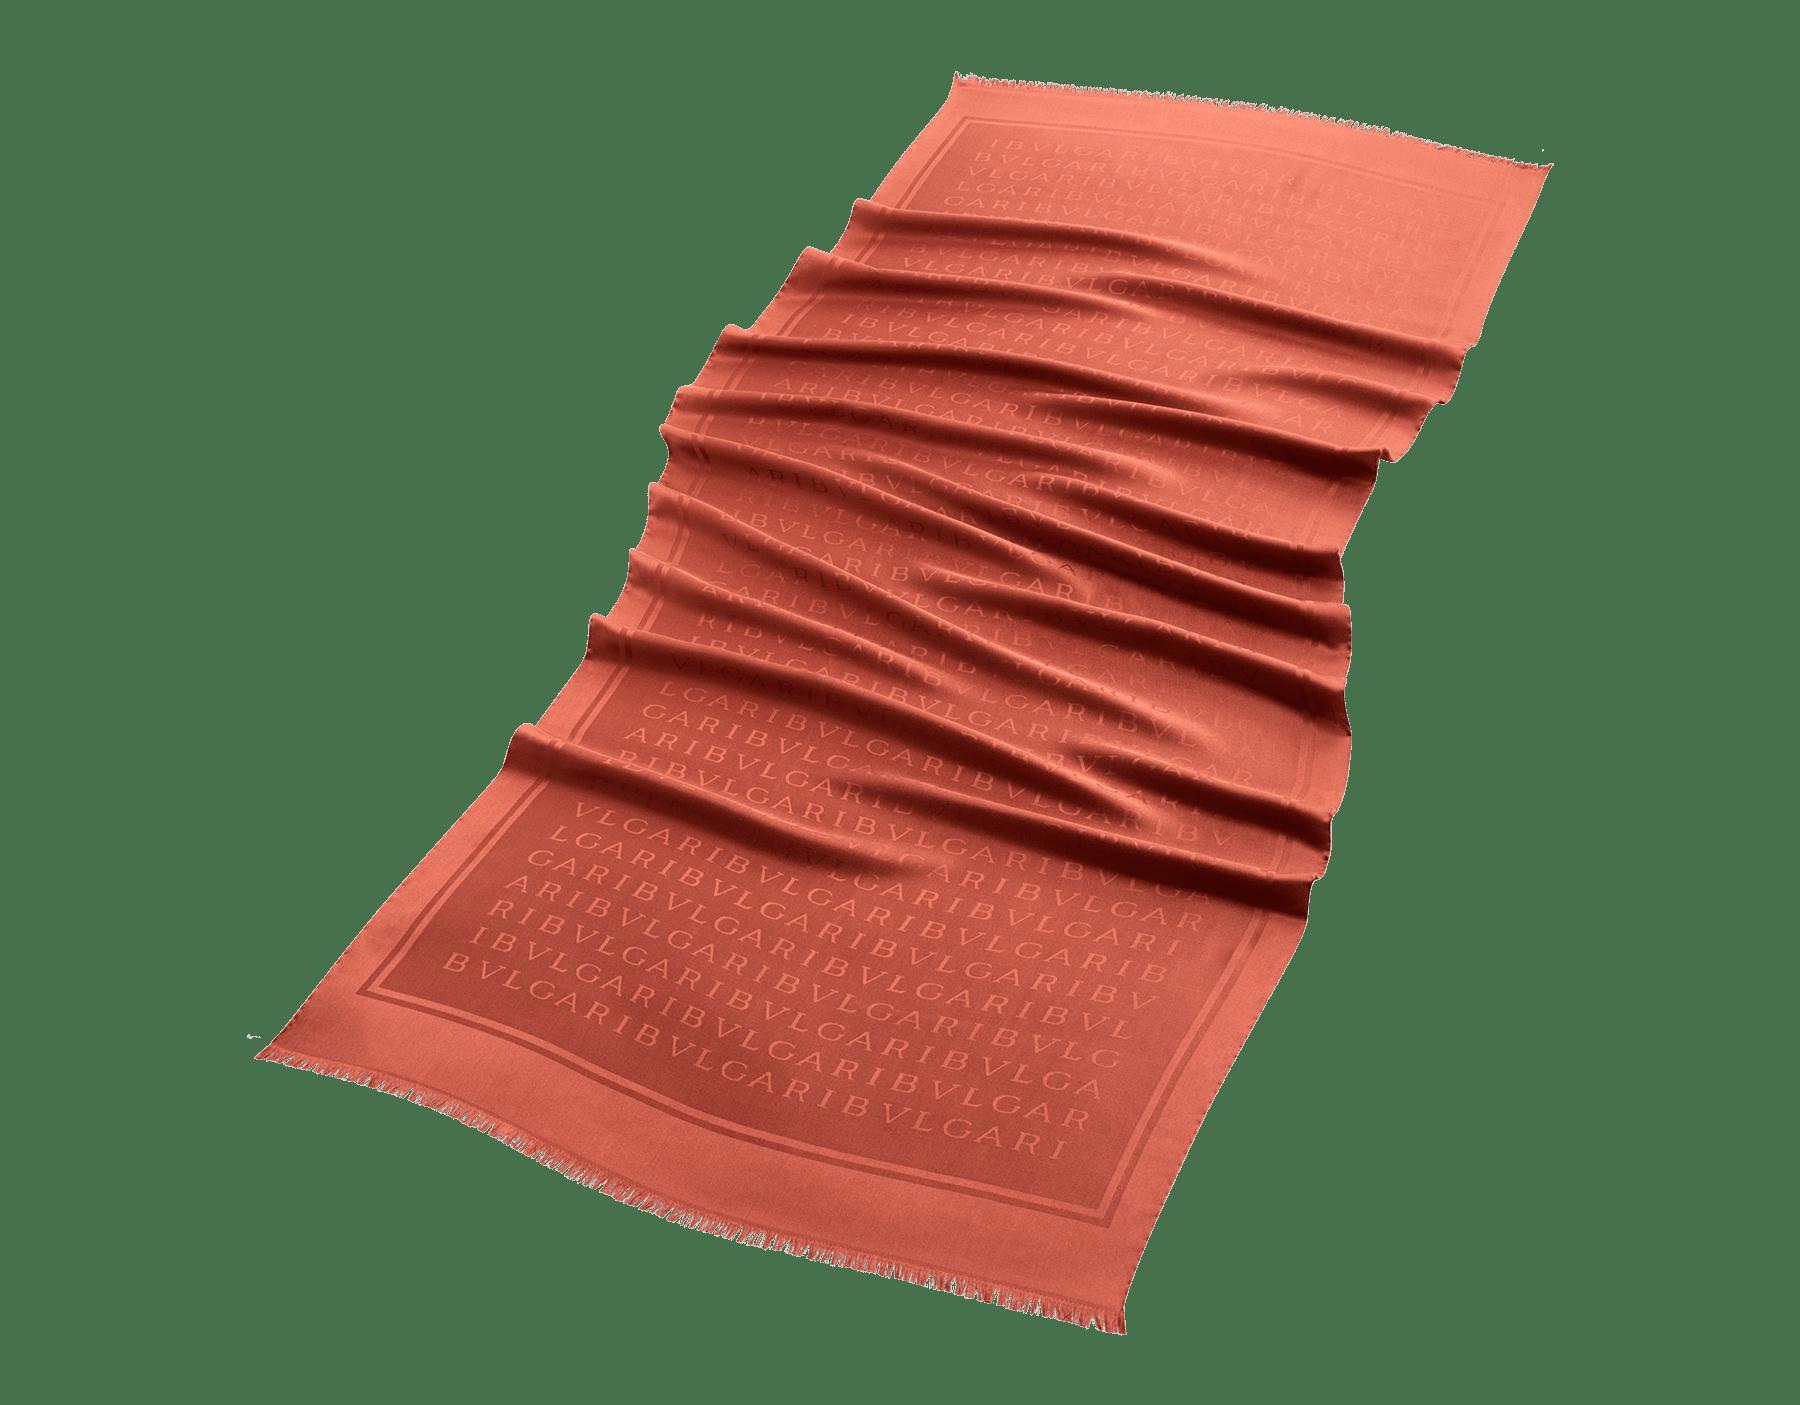 Stola Lettere Maxi Light color topazio imperiale in seta pregiata. 244054 image 1